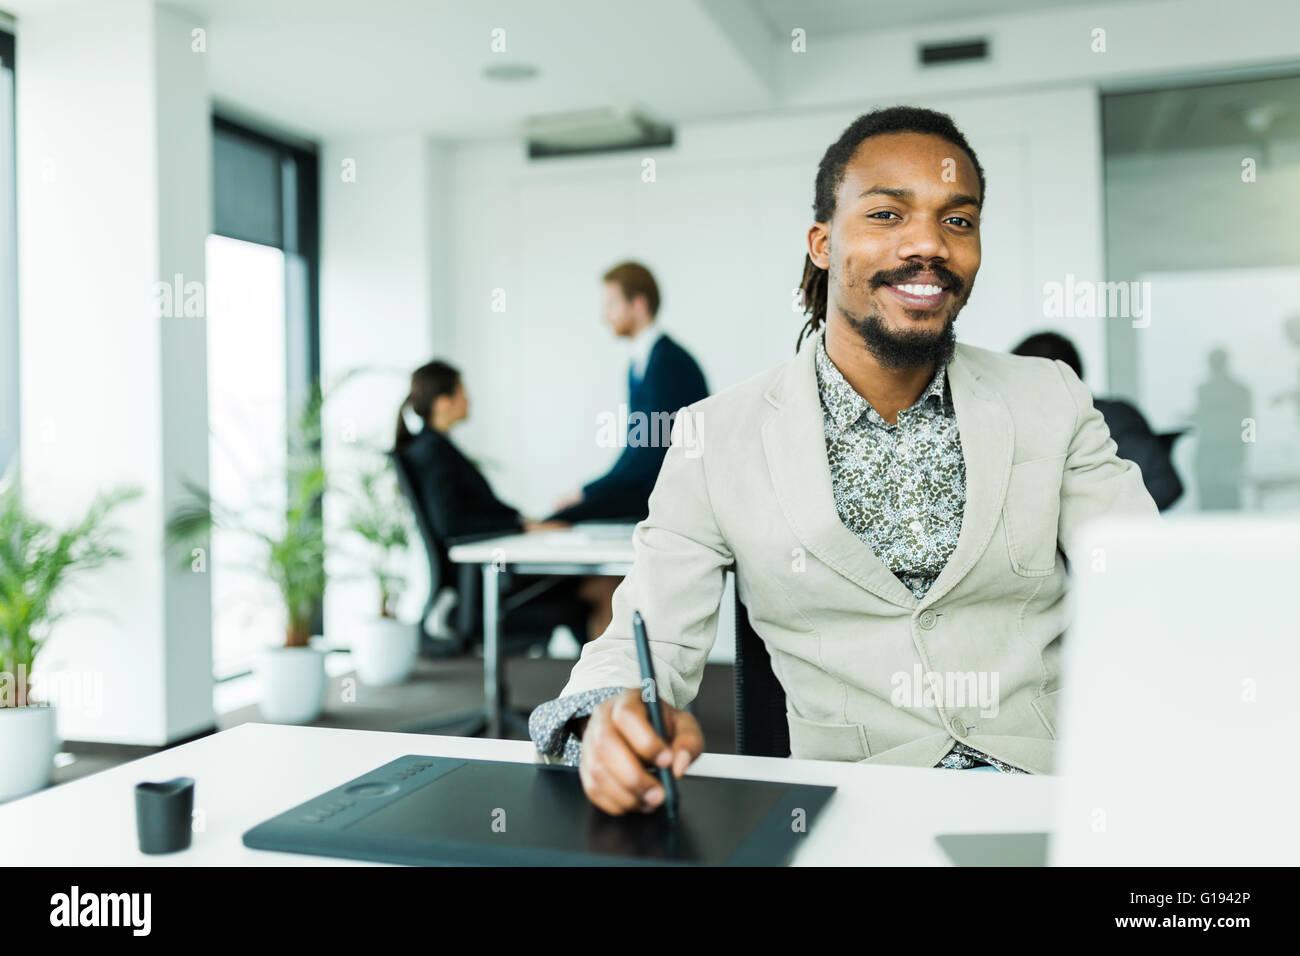 Schwarze schöne Grafik-Designer mit Dreadlocks mit Digitizer in einer gut beleuchteten, ordentlich Büroumgebung Stockbild